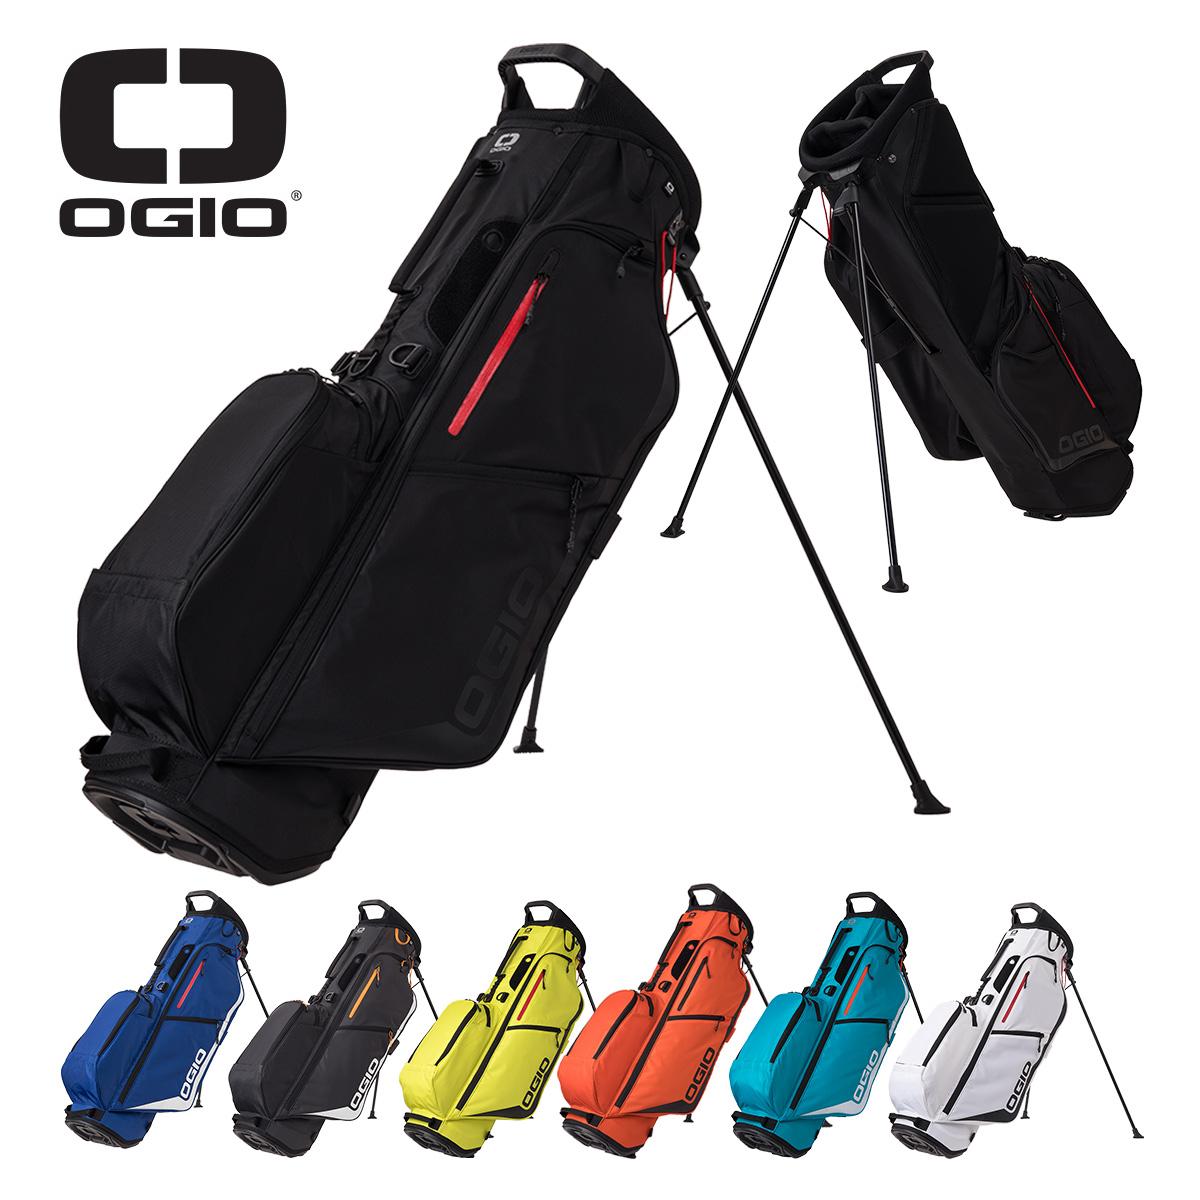 【【最大3300円OFFクーポン】】OGIO (オジオ) 日本正規品 FUSE Stand Bag 4 JV スタンドバッグ 2020新製品 【あす楽対応】